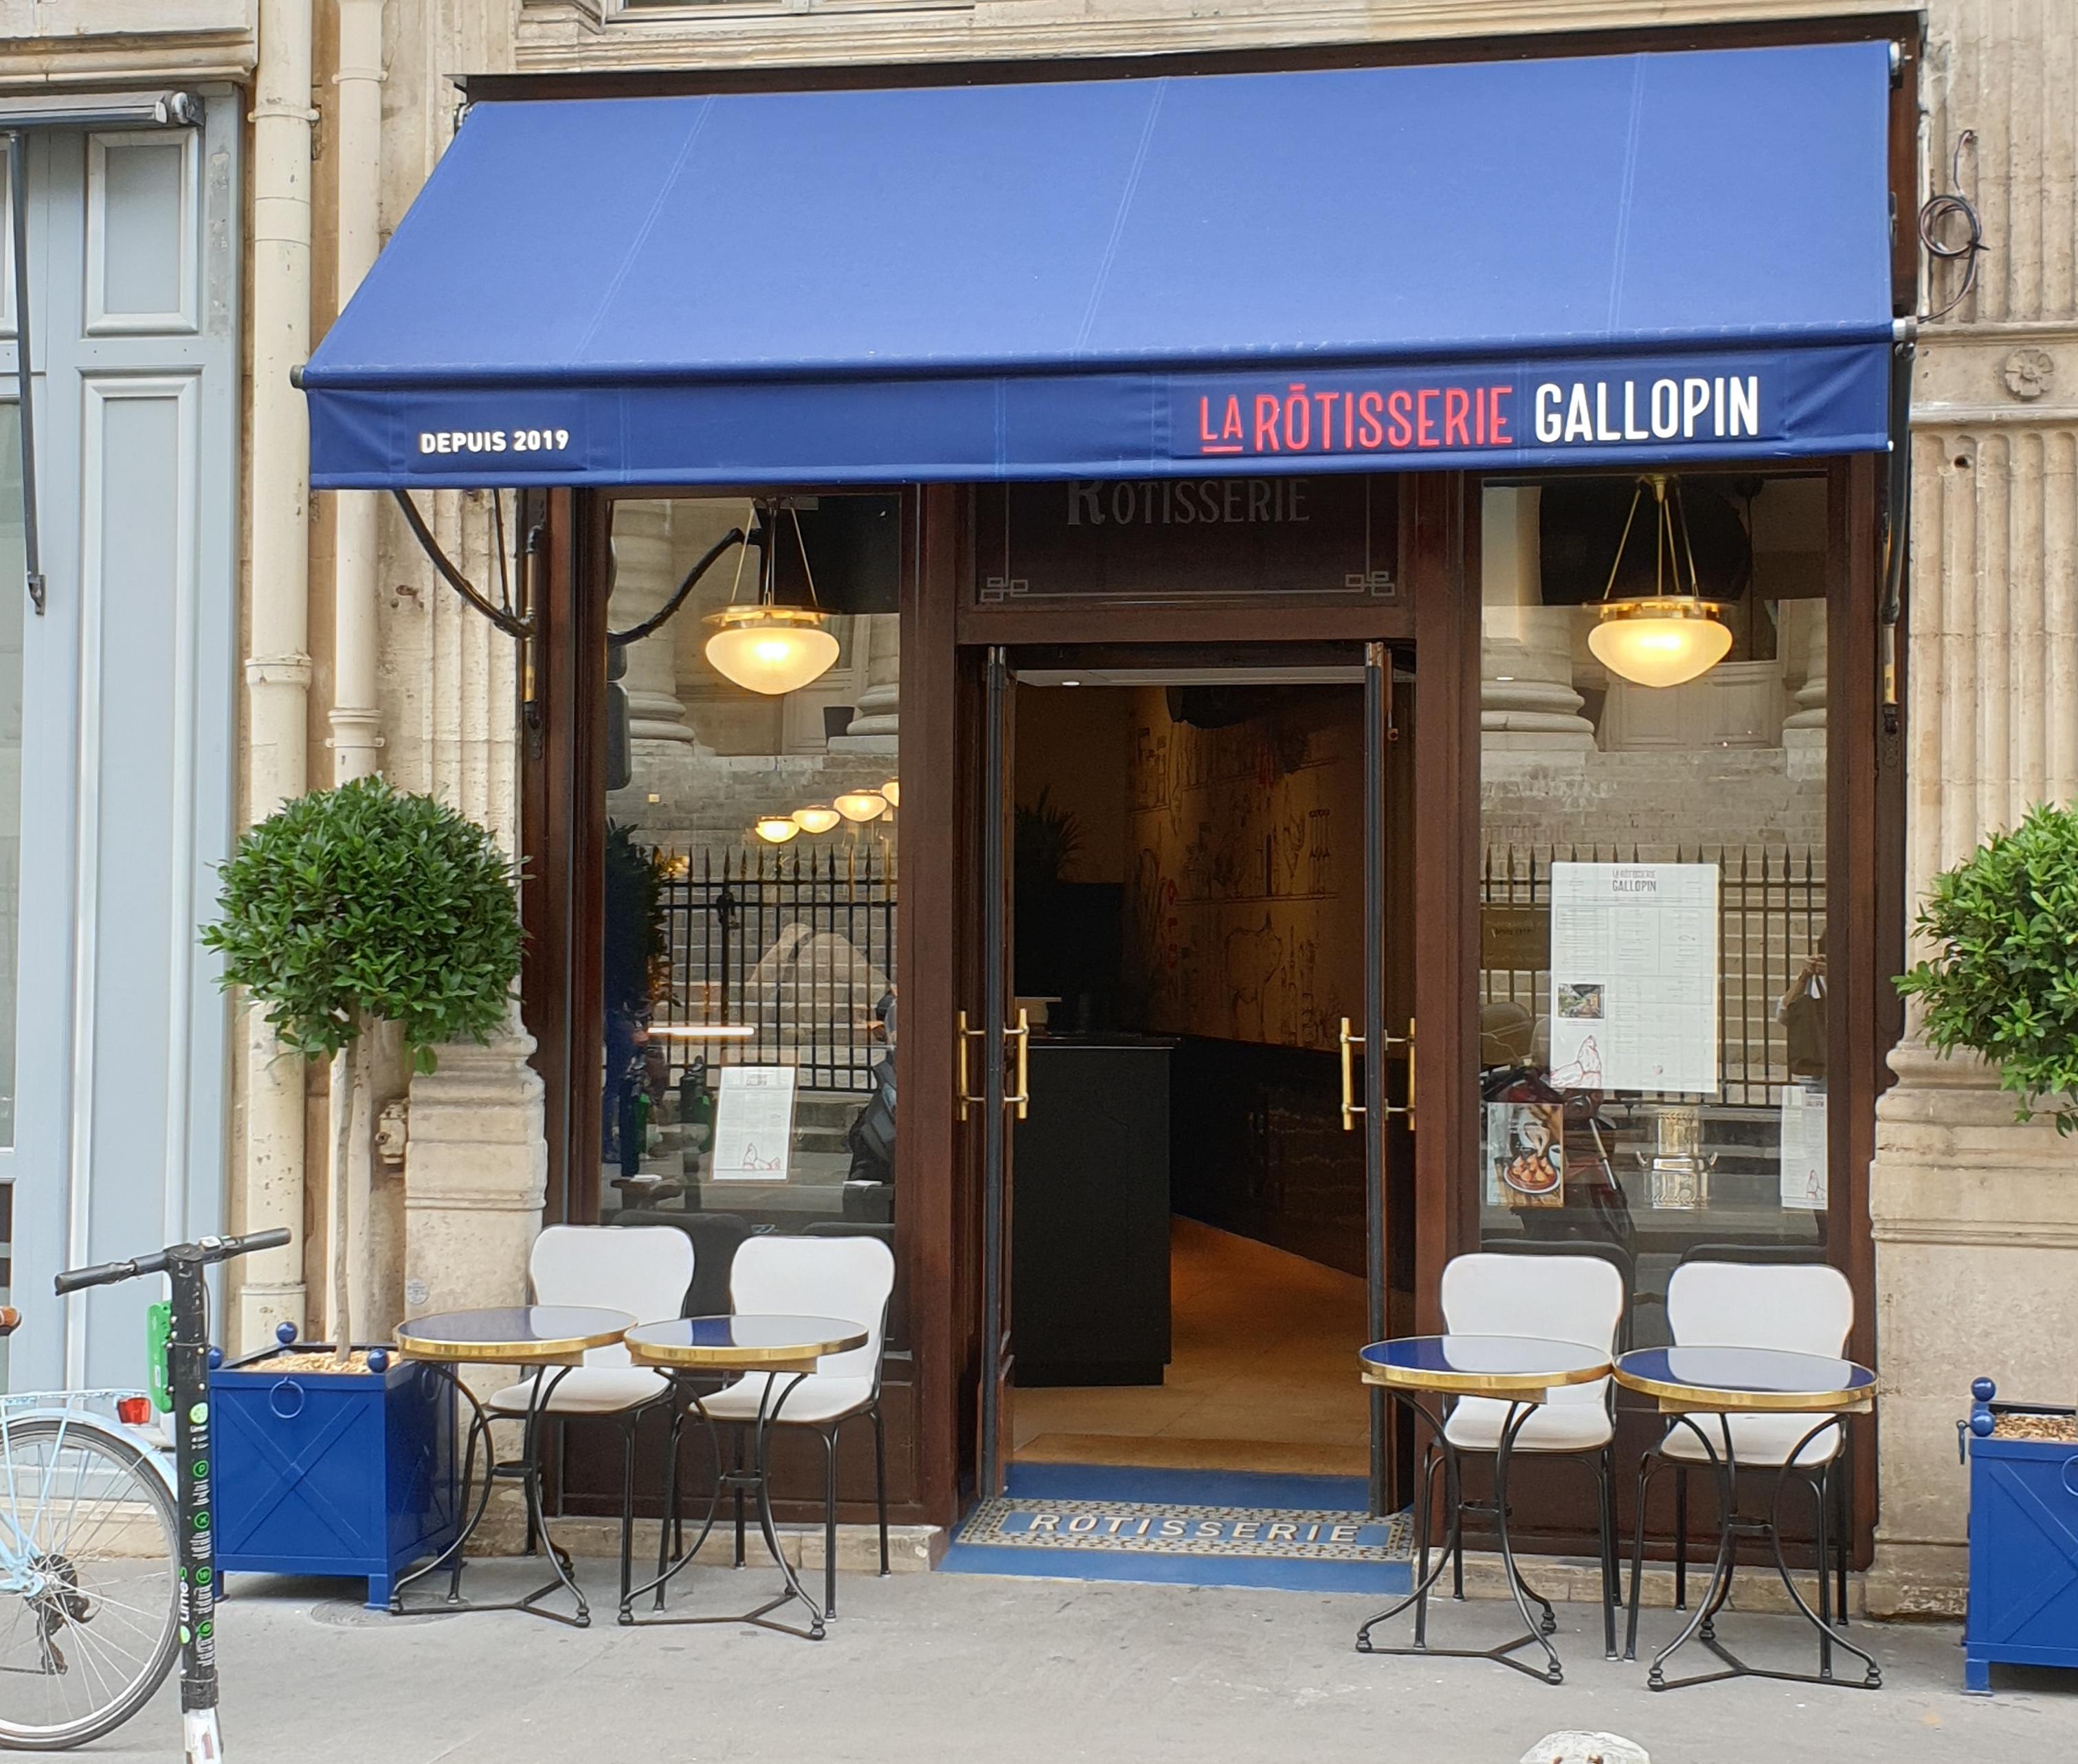 Rotisserie Gallopin Restaurant Paris 1